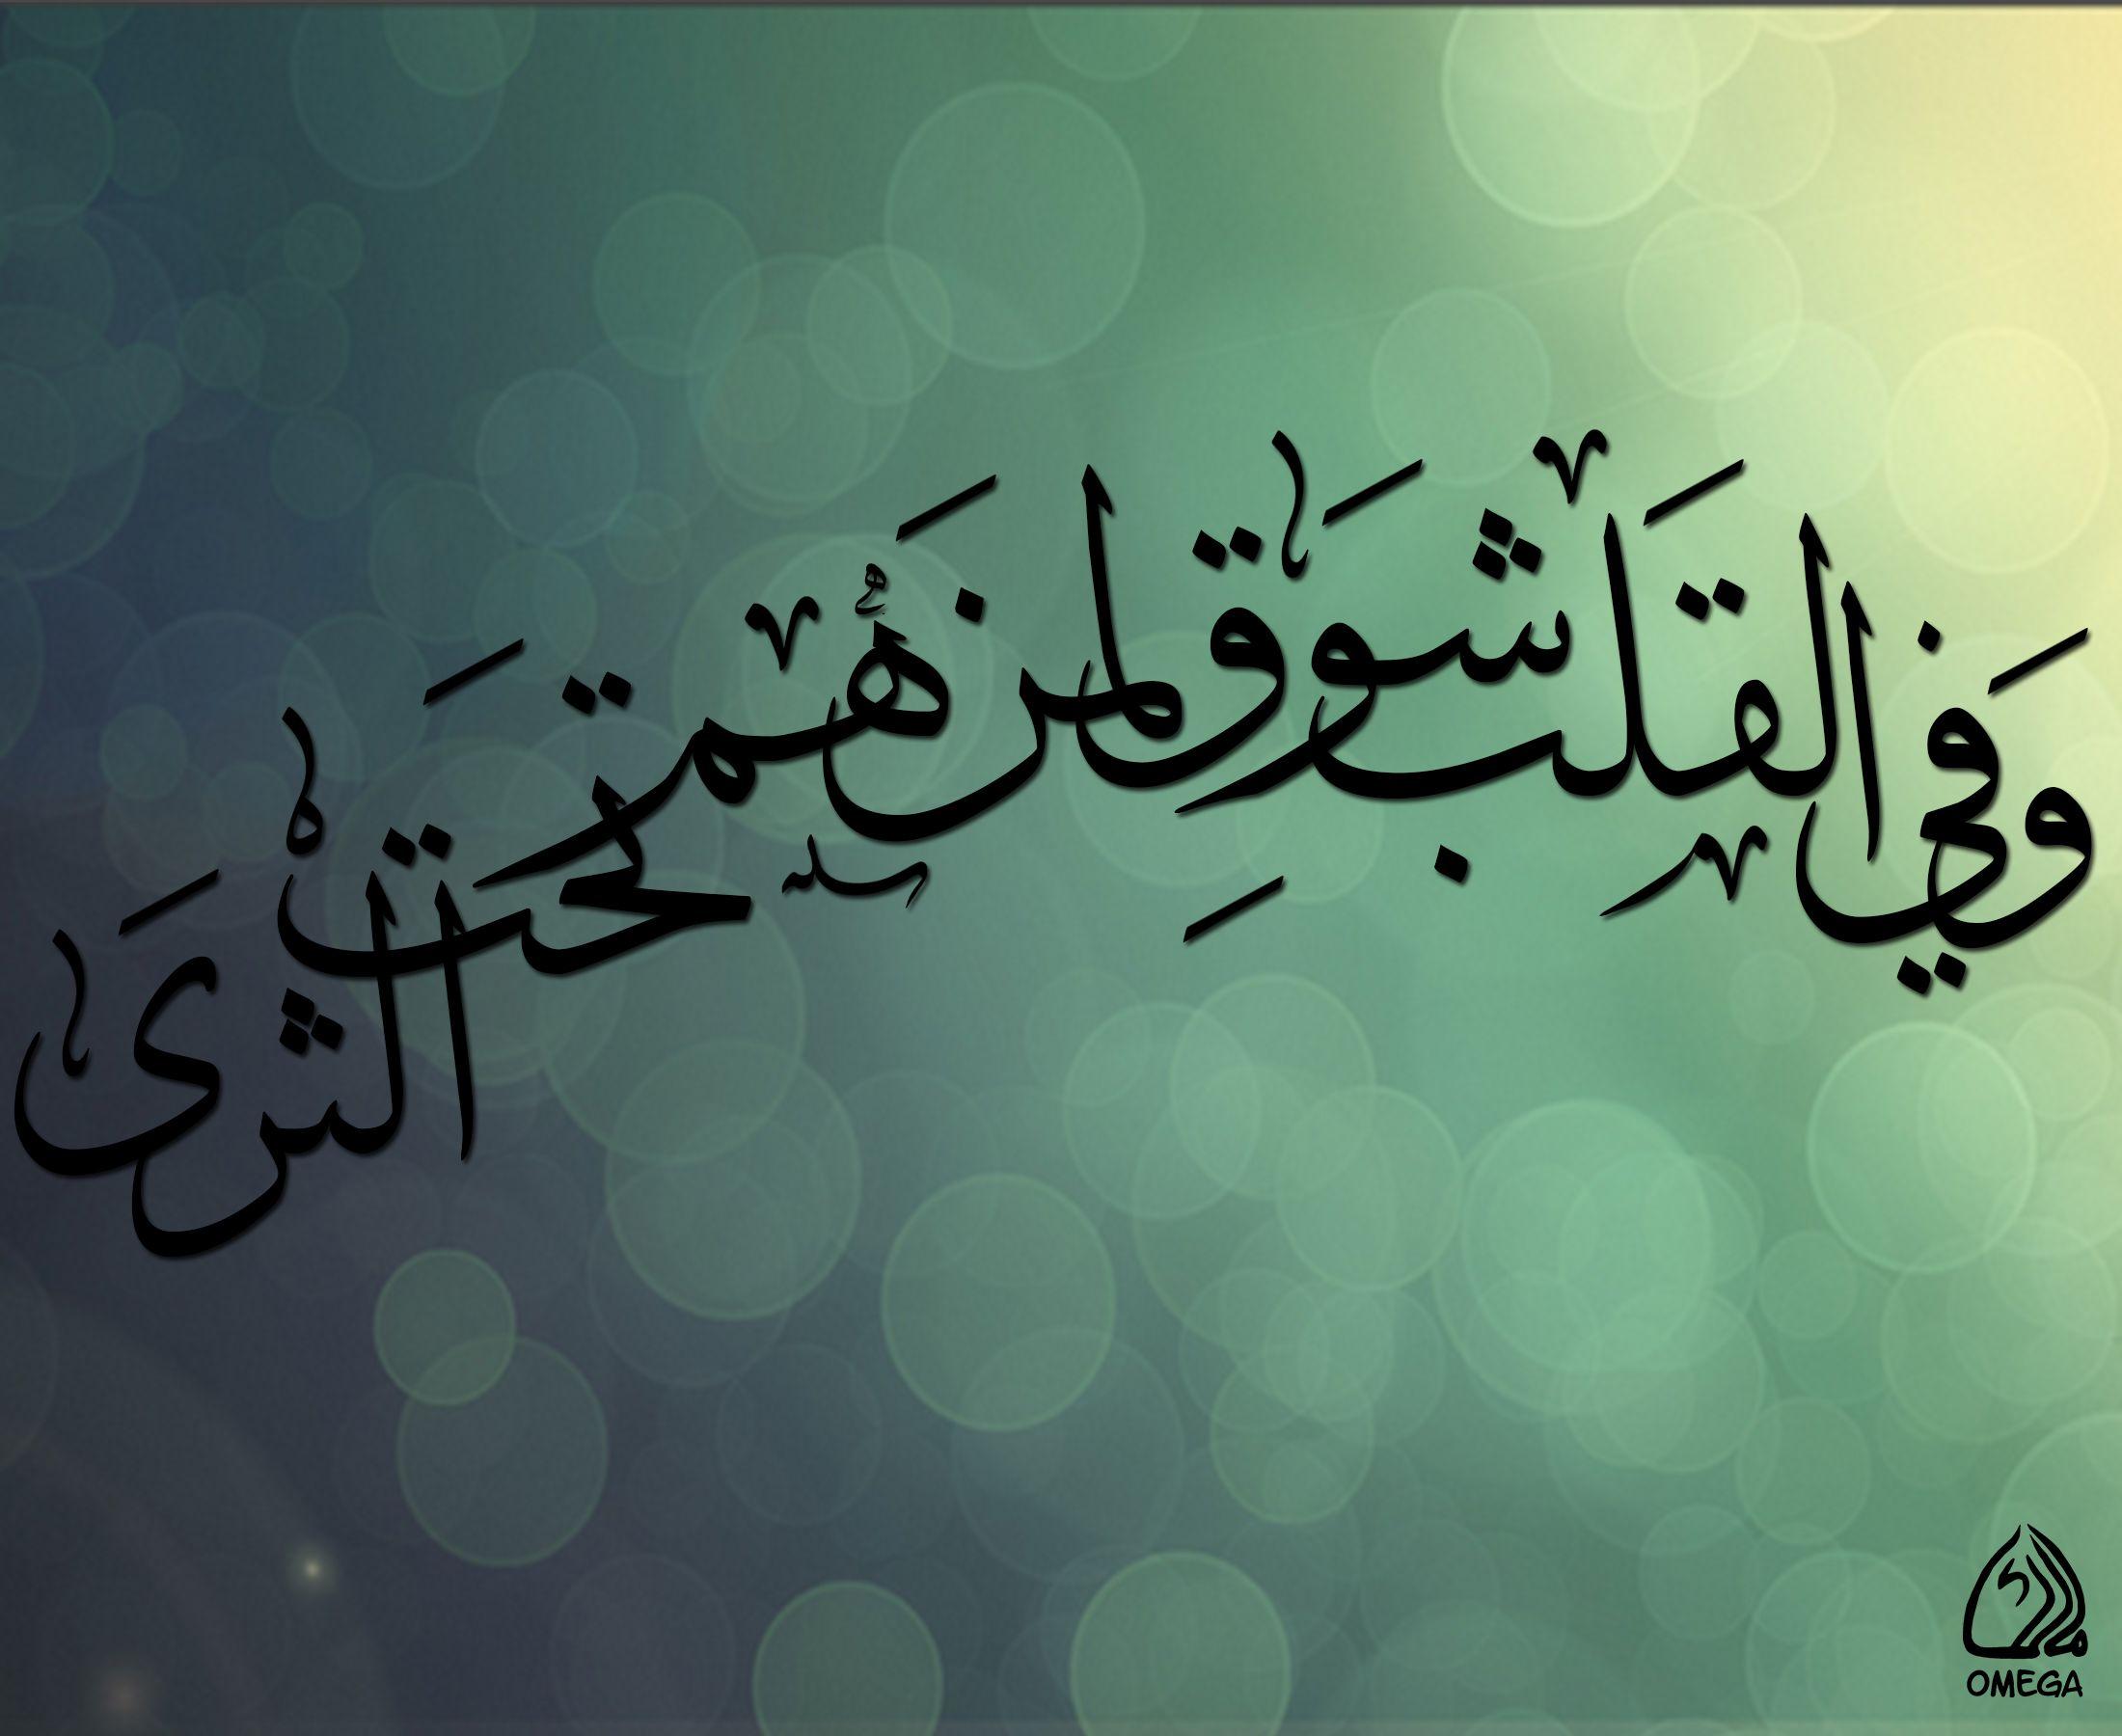 وفي القلب شوق لمن هم تحت الثرى Photo Quotes Love You Dad Arabic Words